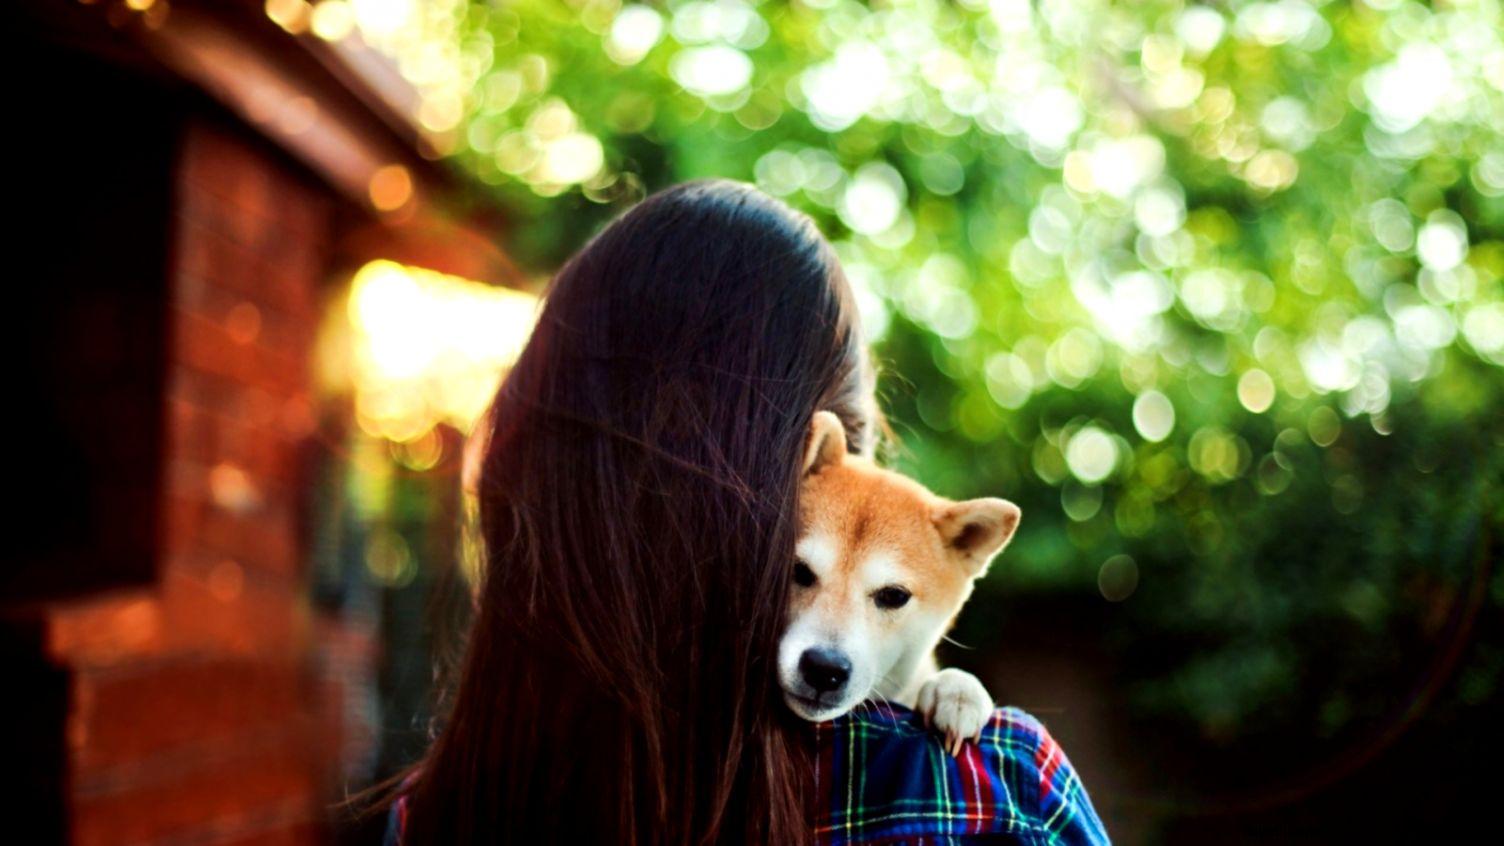 mood brunette girl dog bokeh hd wallpaper  Wallpaper 4K